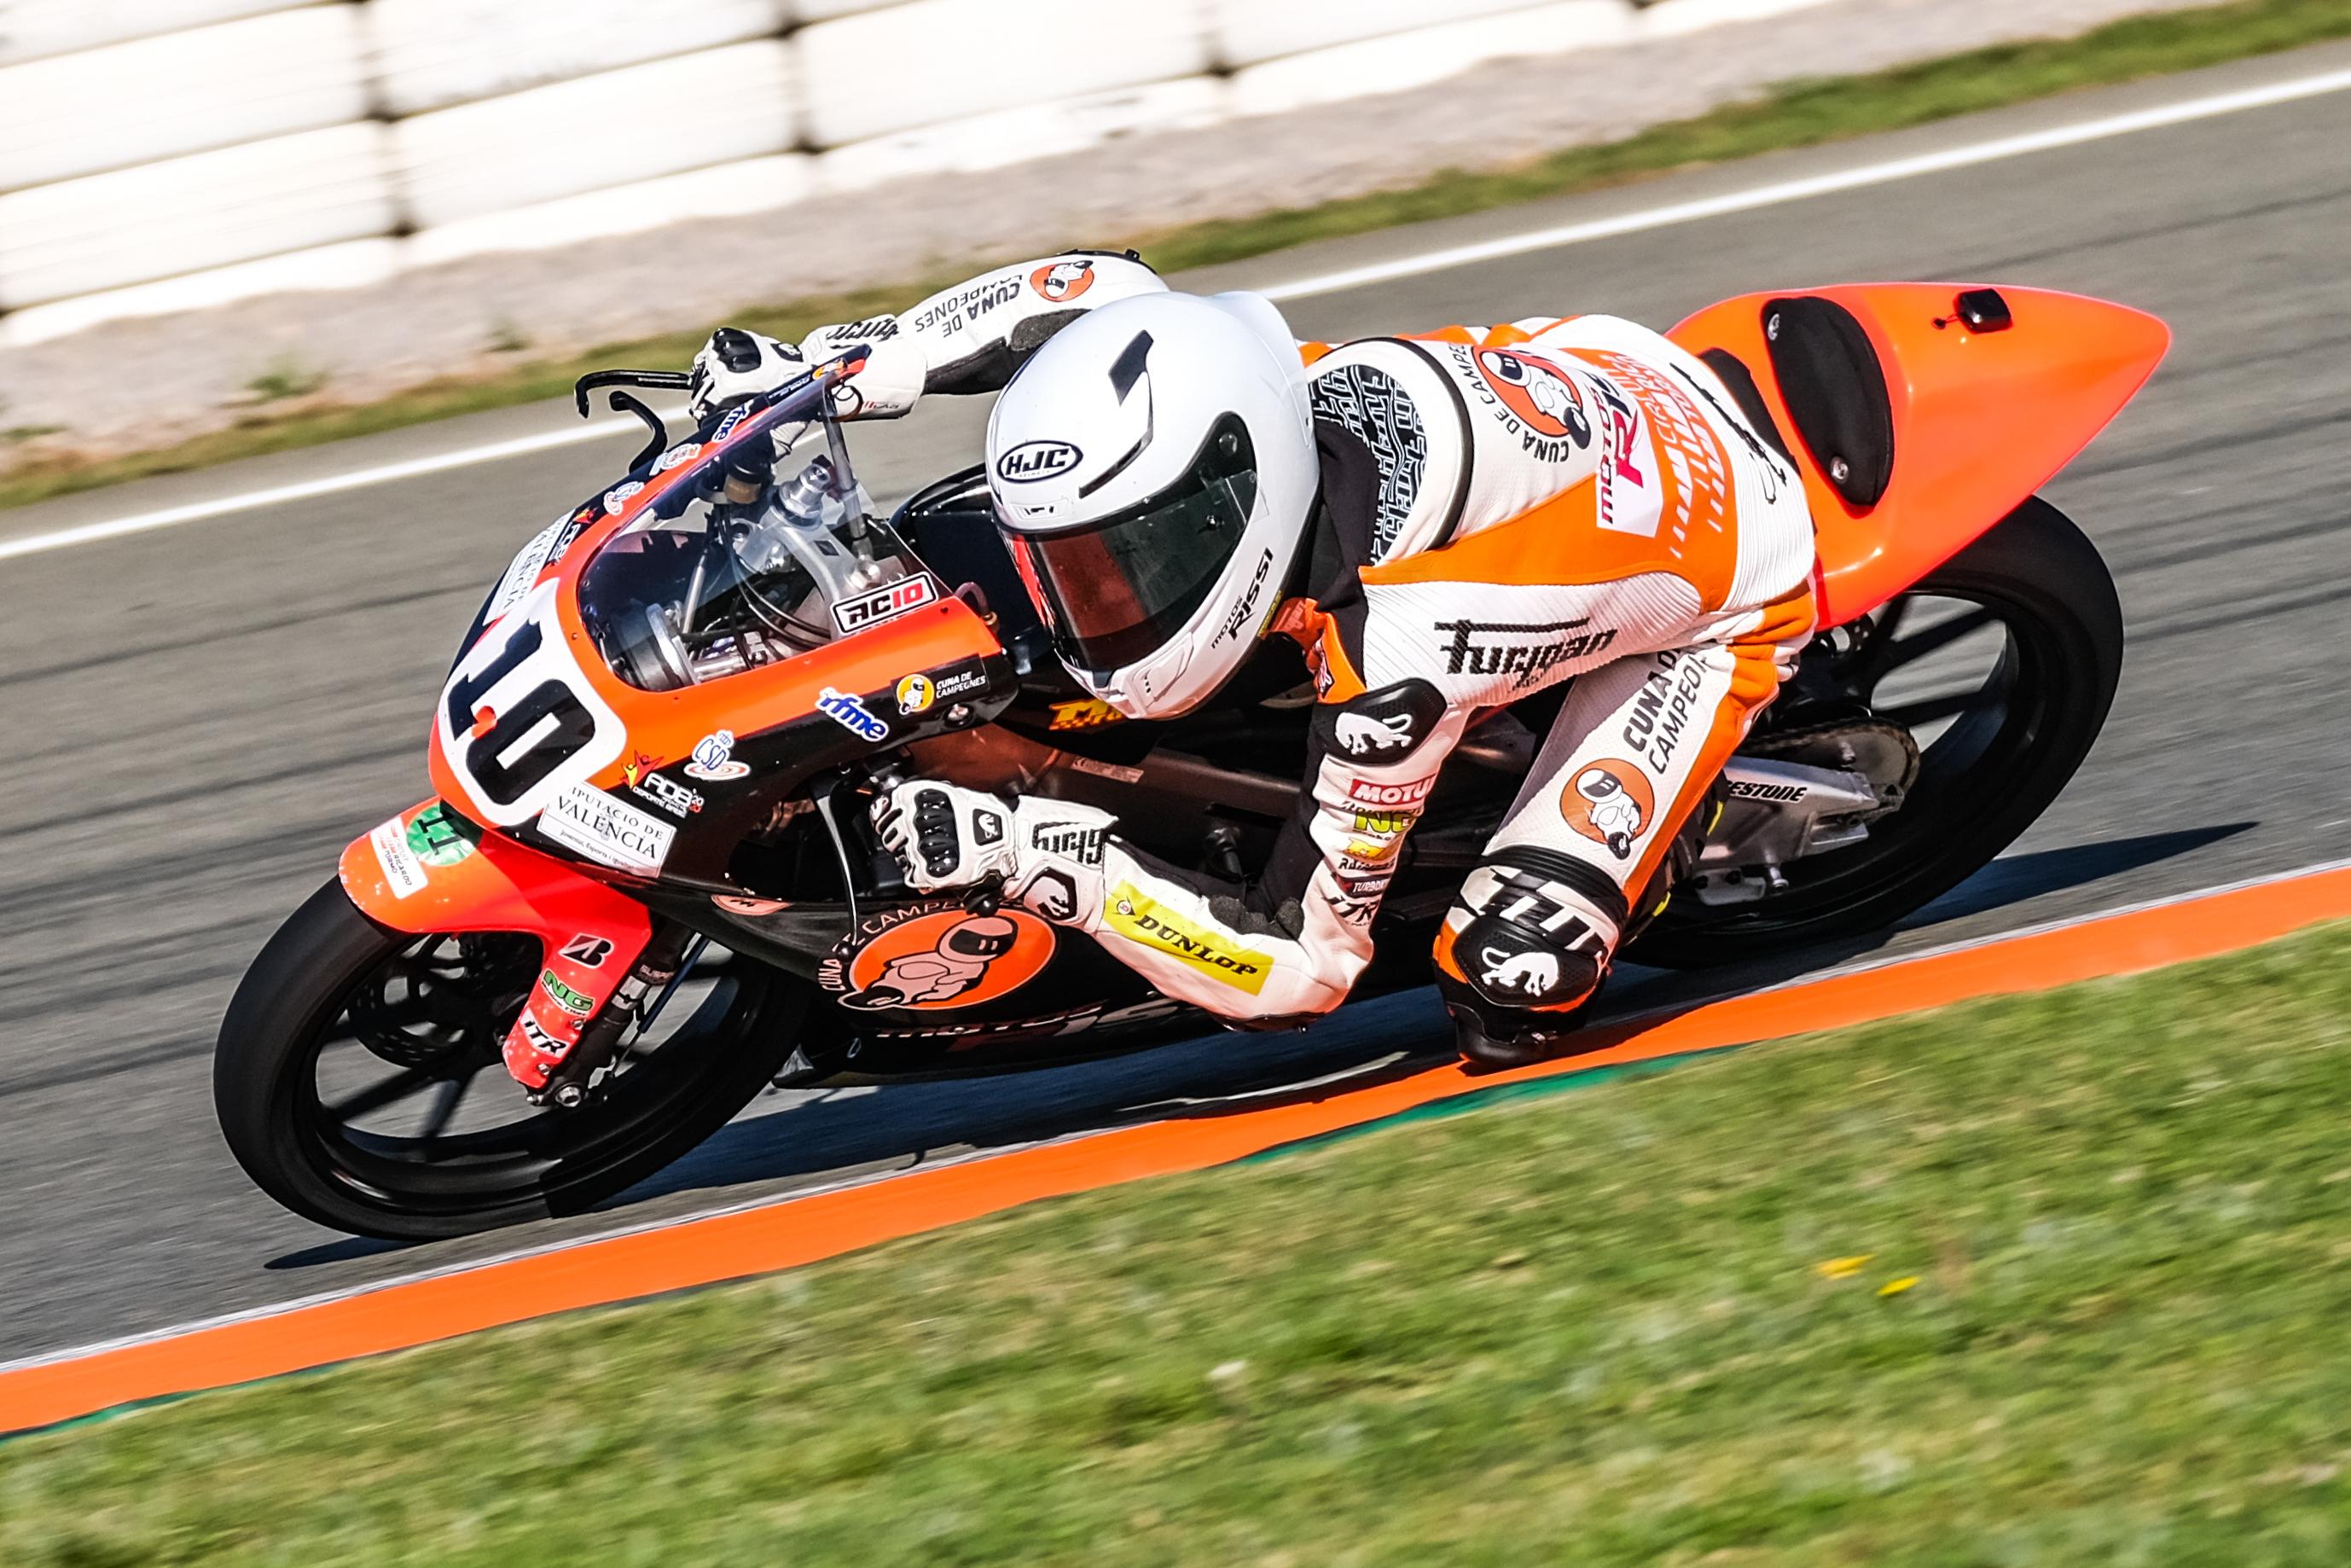 Un total de 145 pilotos participan en el FIM CEV Repsol en el Circuit Ricardo Tormo